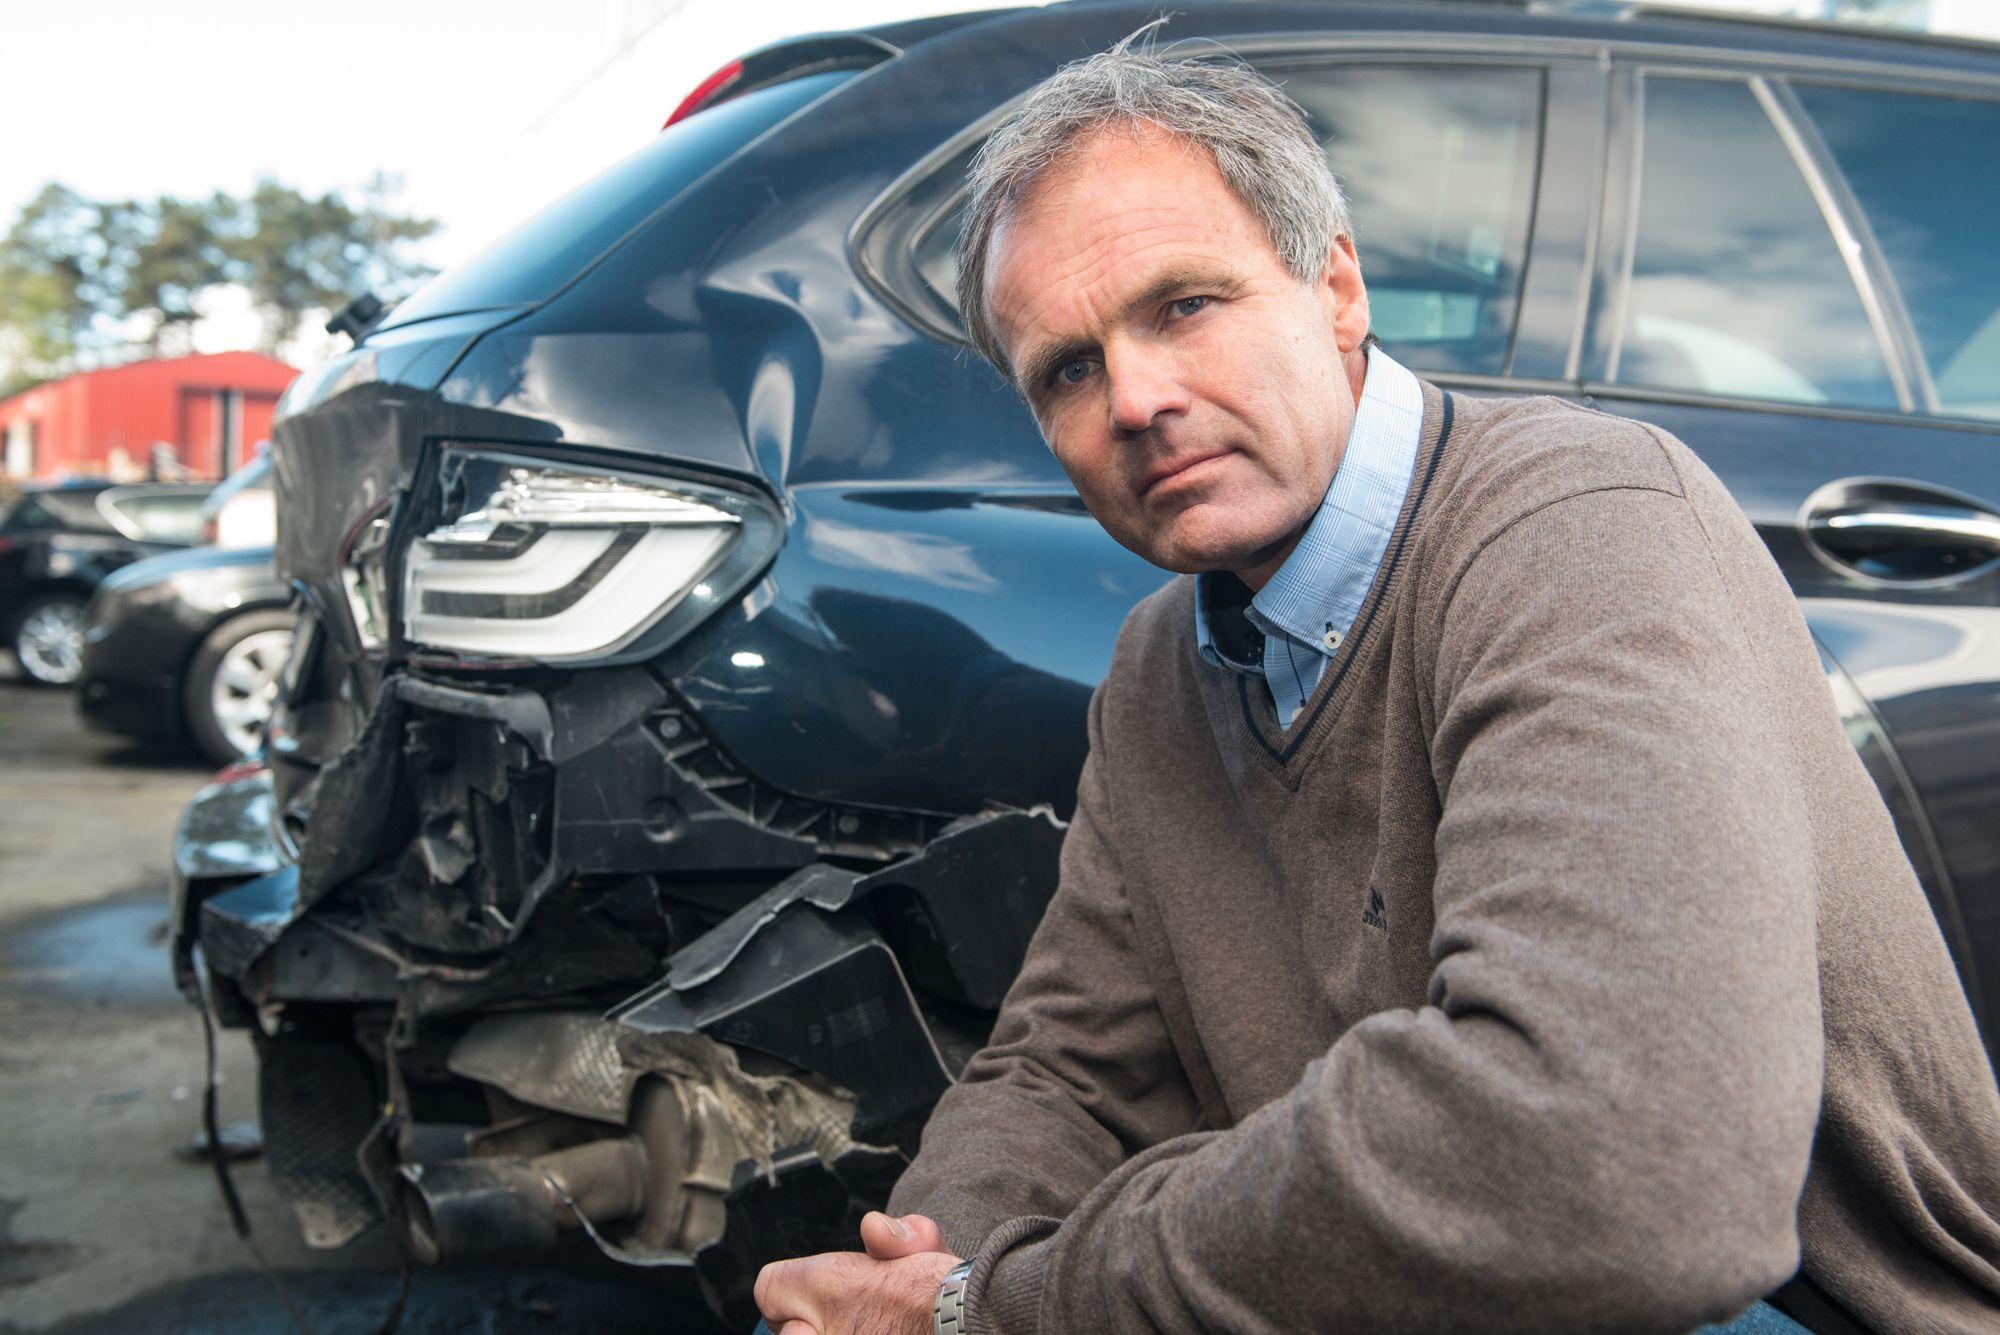 Kommunikasjonssjef Bjarne Rysstad i Gjensidige foran en typisk ulykke forårsaket av uoppmerksomhet, nemlig påkjøring bakfra.